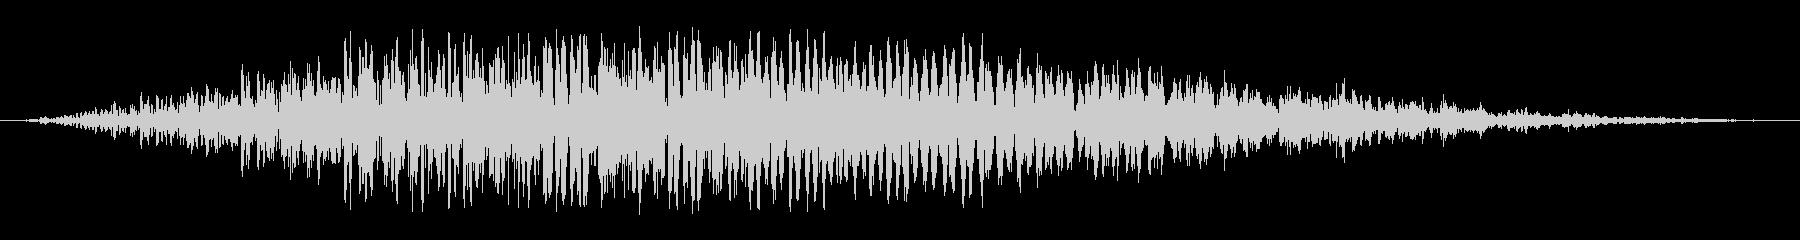 格付けの拡張の未再生の波形